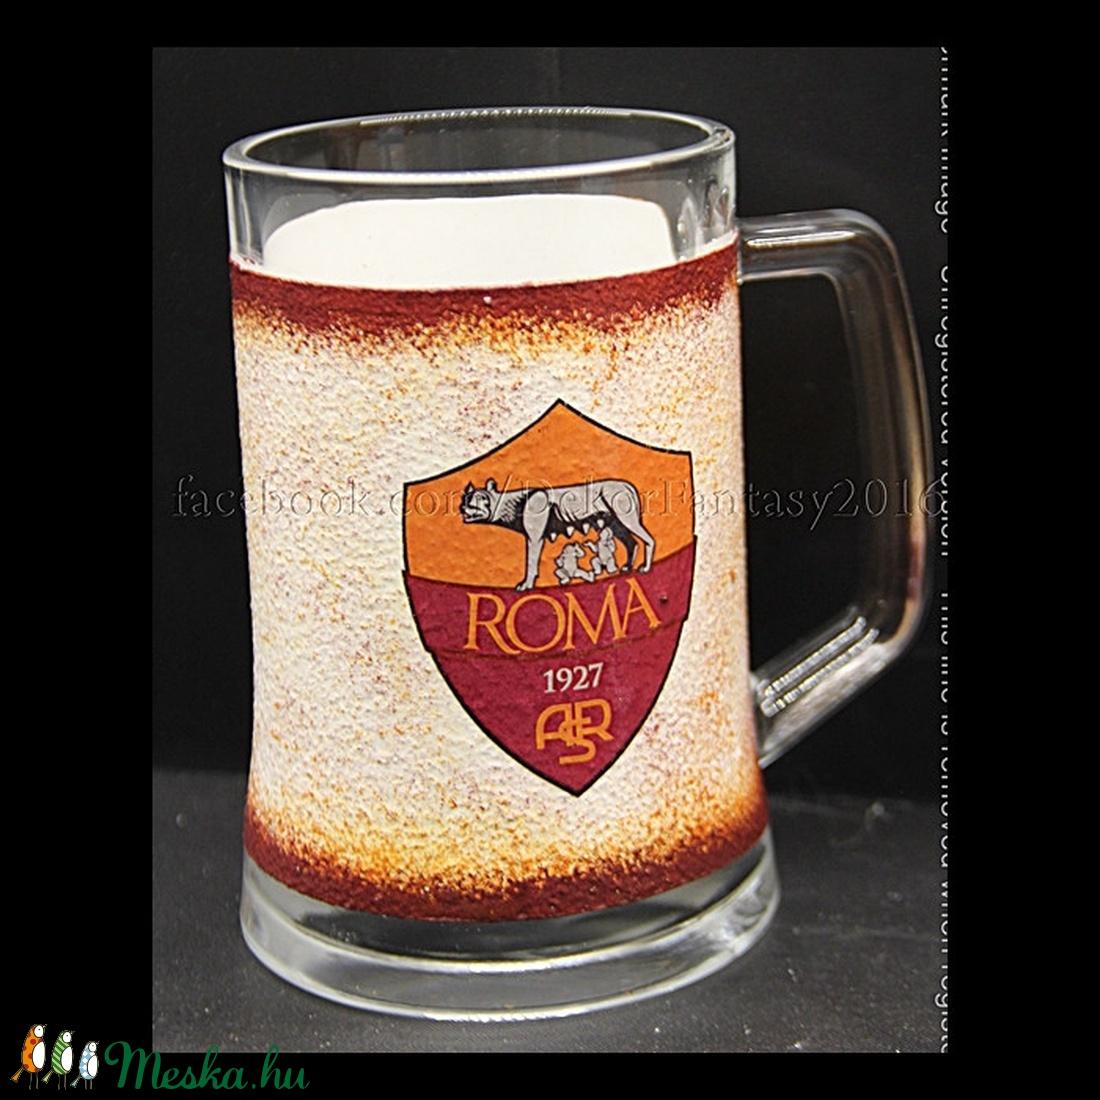 AS ROMA  emblémával díszített  sörös korsó ( 0,5 l )  (decorfantasy) - Meska.hu